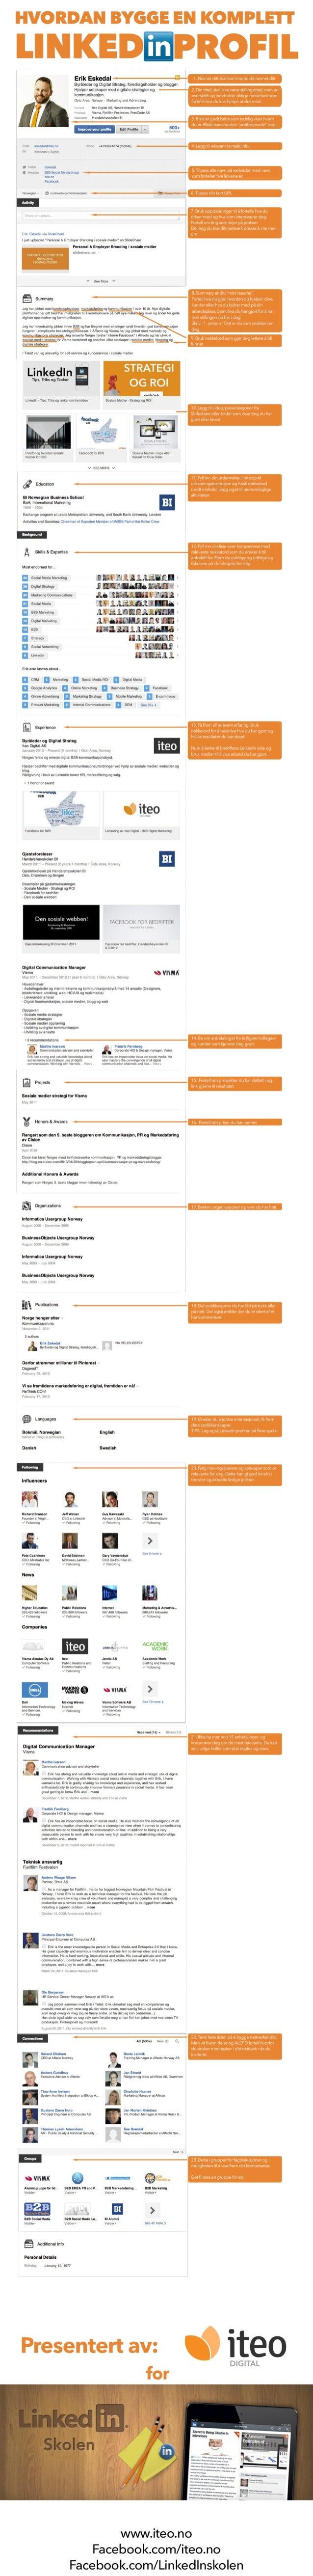 Hvordan bygge en komplett LinkedIn profil